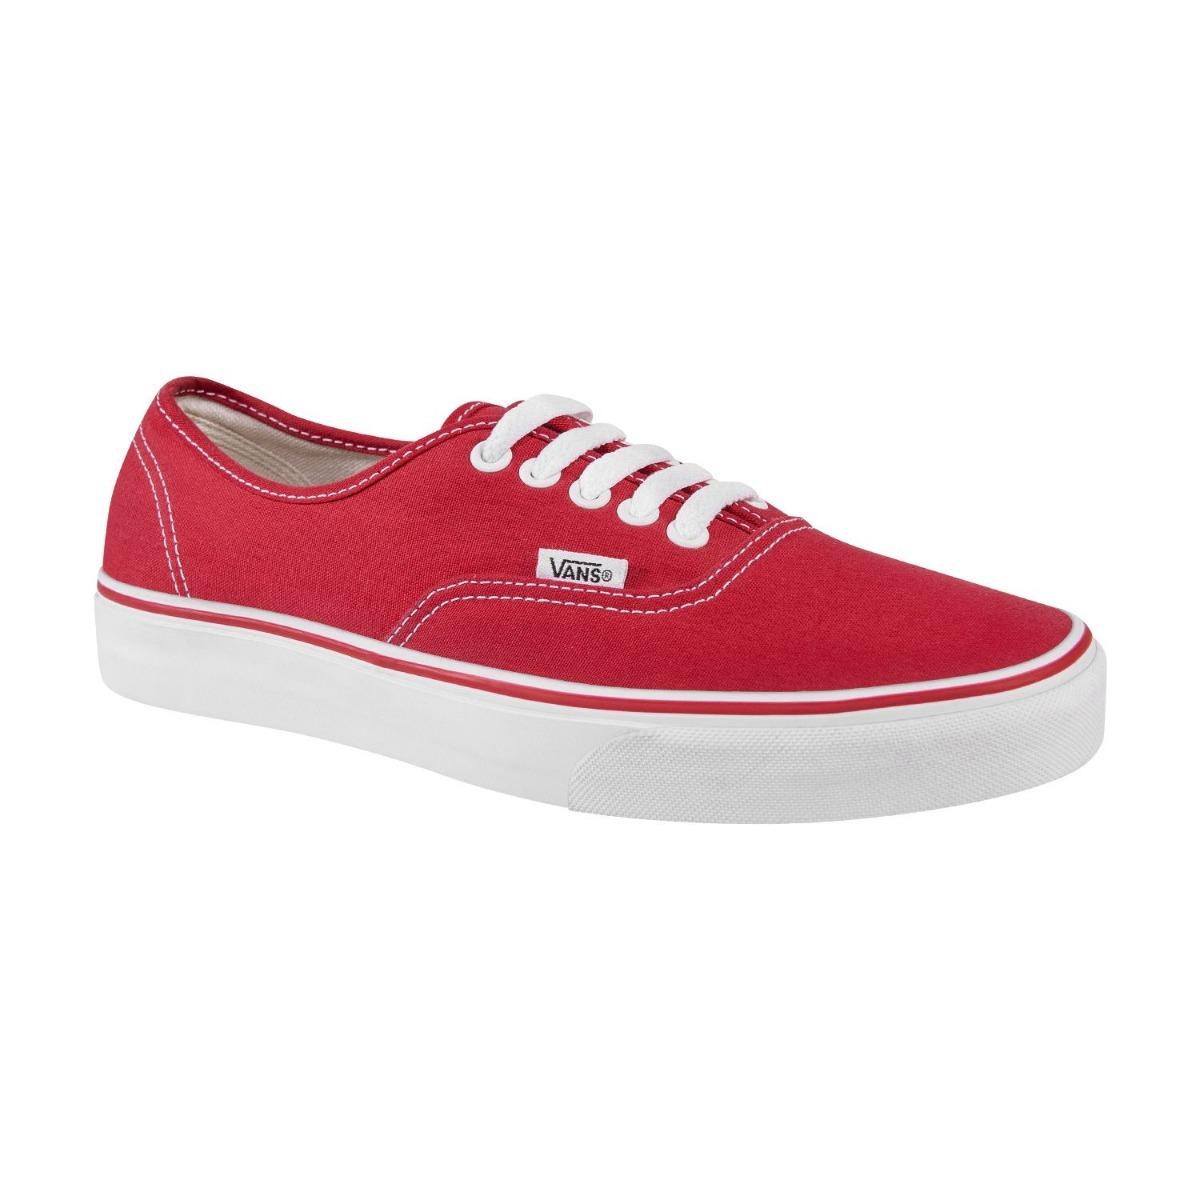 Compre 2 APAGADO EN CUALQUIER CASO vans de color rojo Y OBTENGA 70 ... f4676fbda84